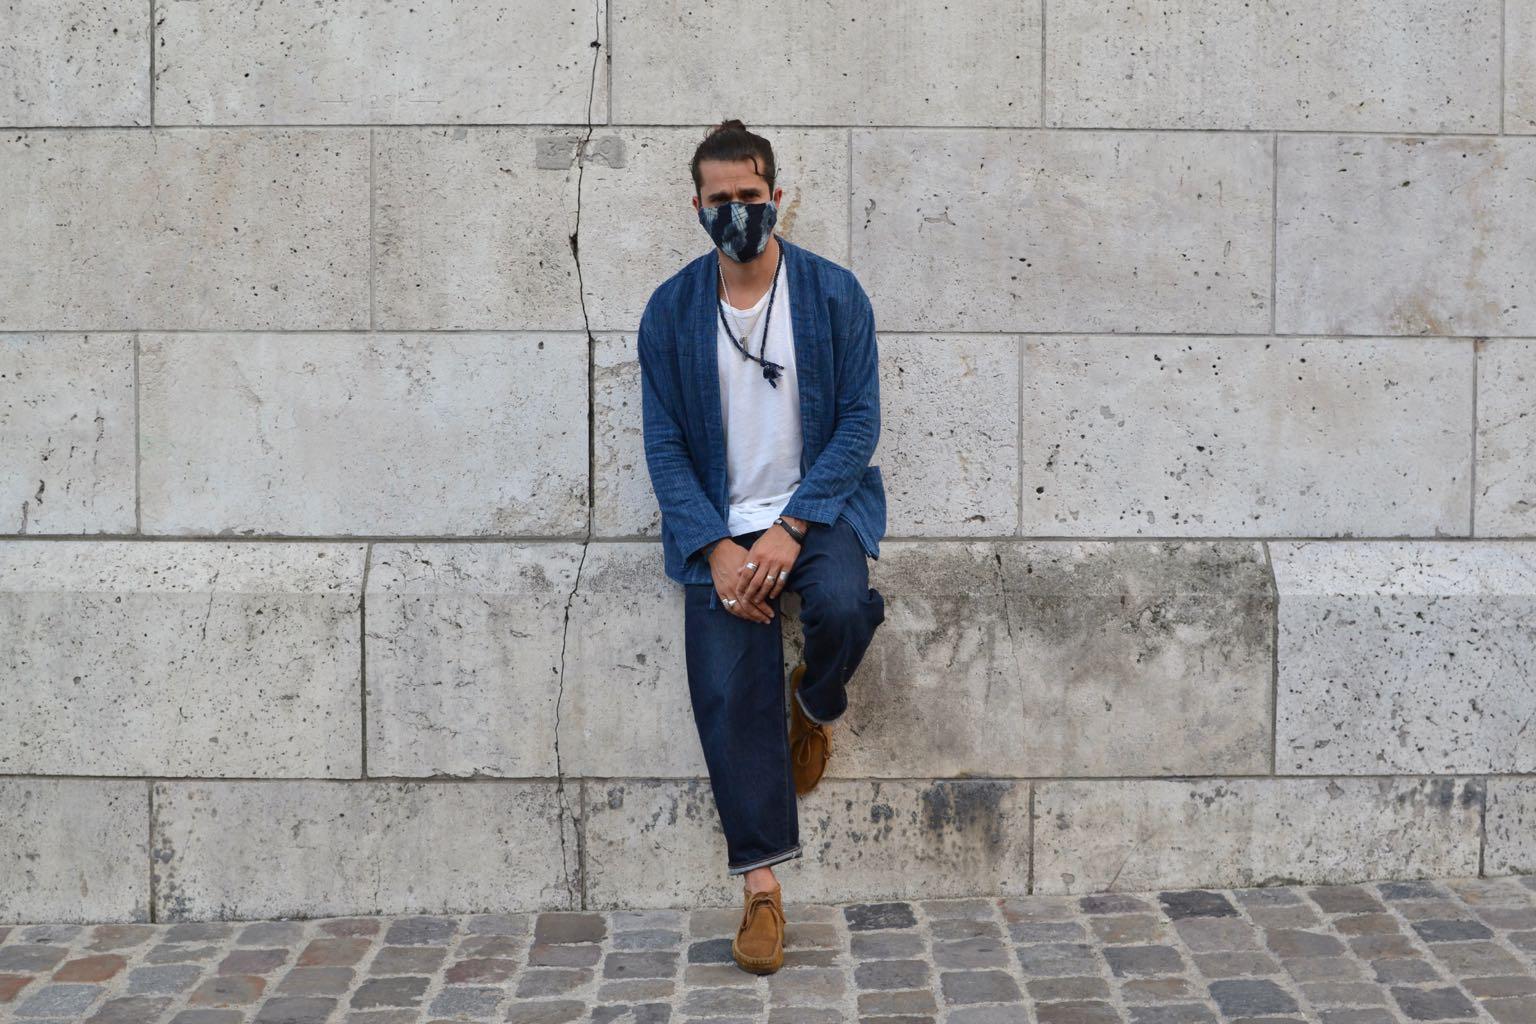 conseil style homme - porter une noragi Borali en coton artisanale japonais avec un jean tapered et des clarks wallabee